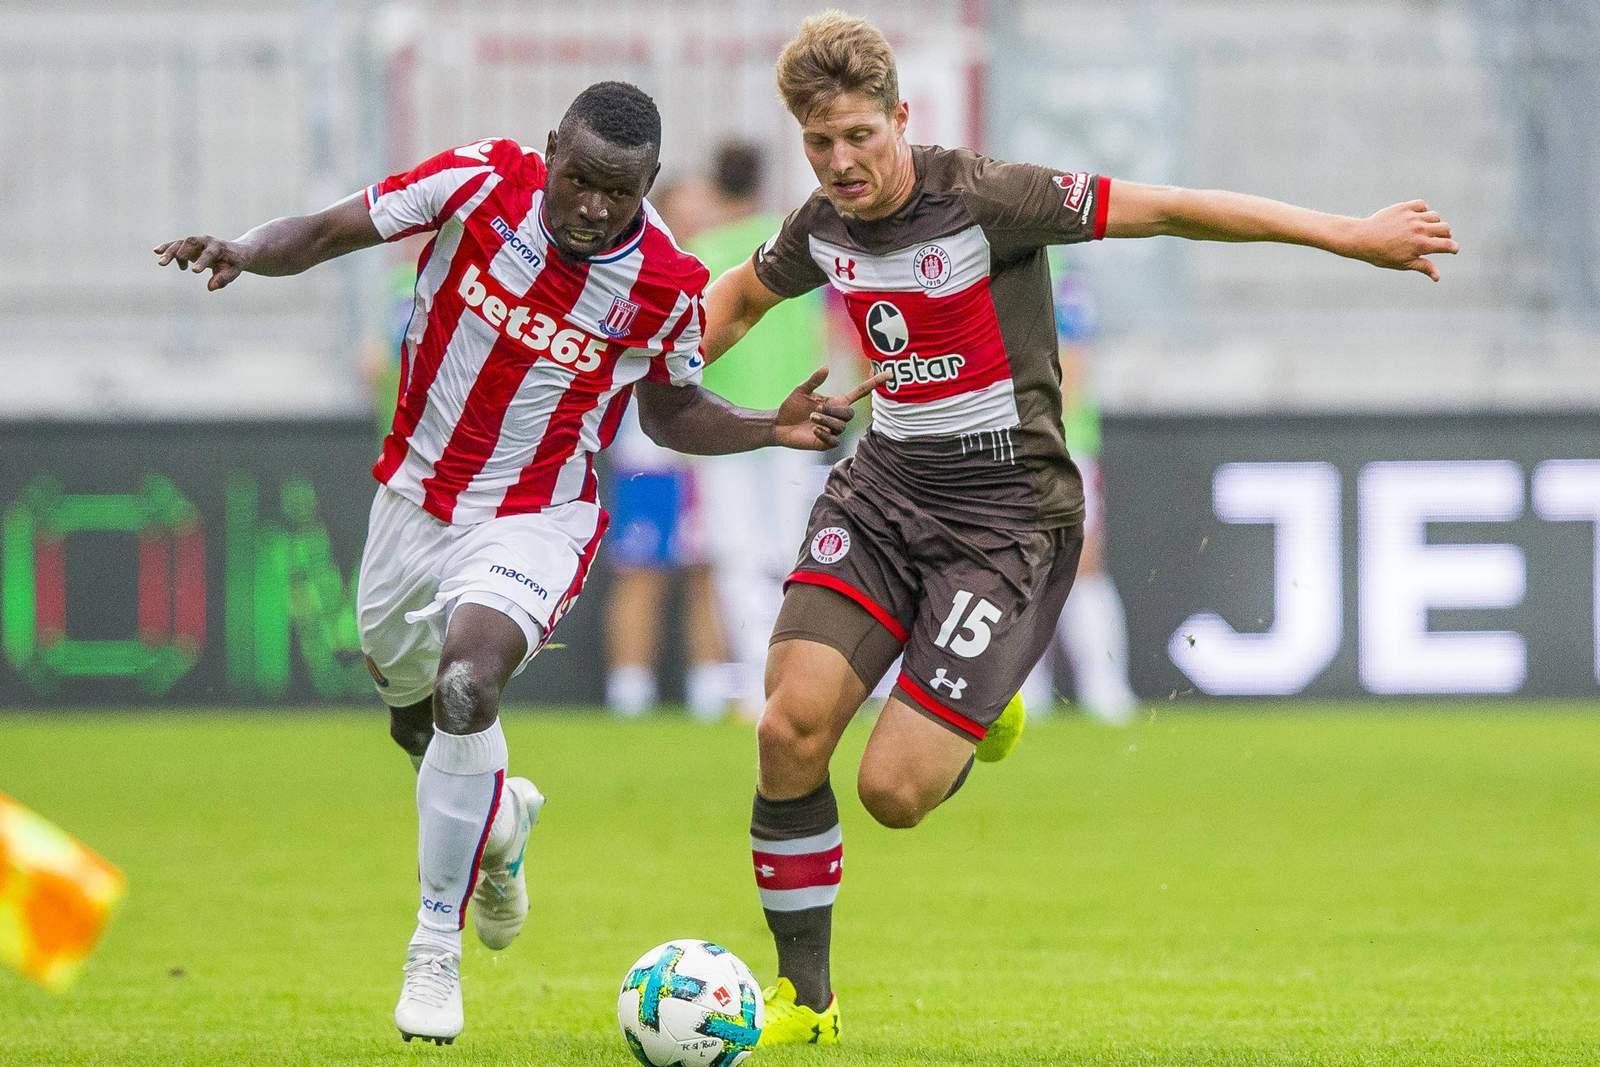 Mame Diouf von Stoke City gegen Daniel Buballa vom FC St. pauli